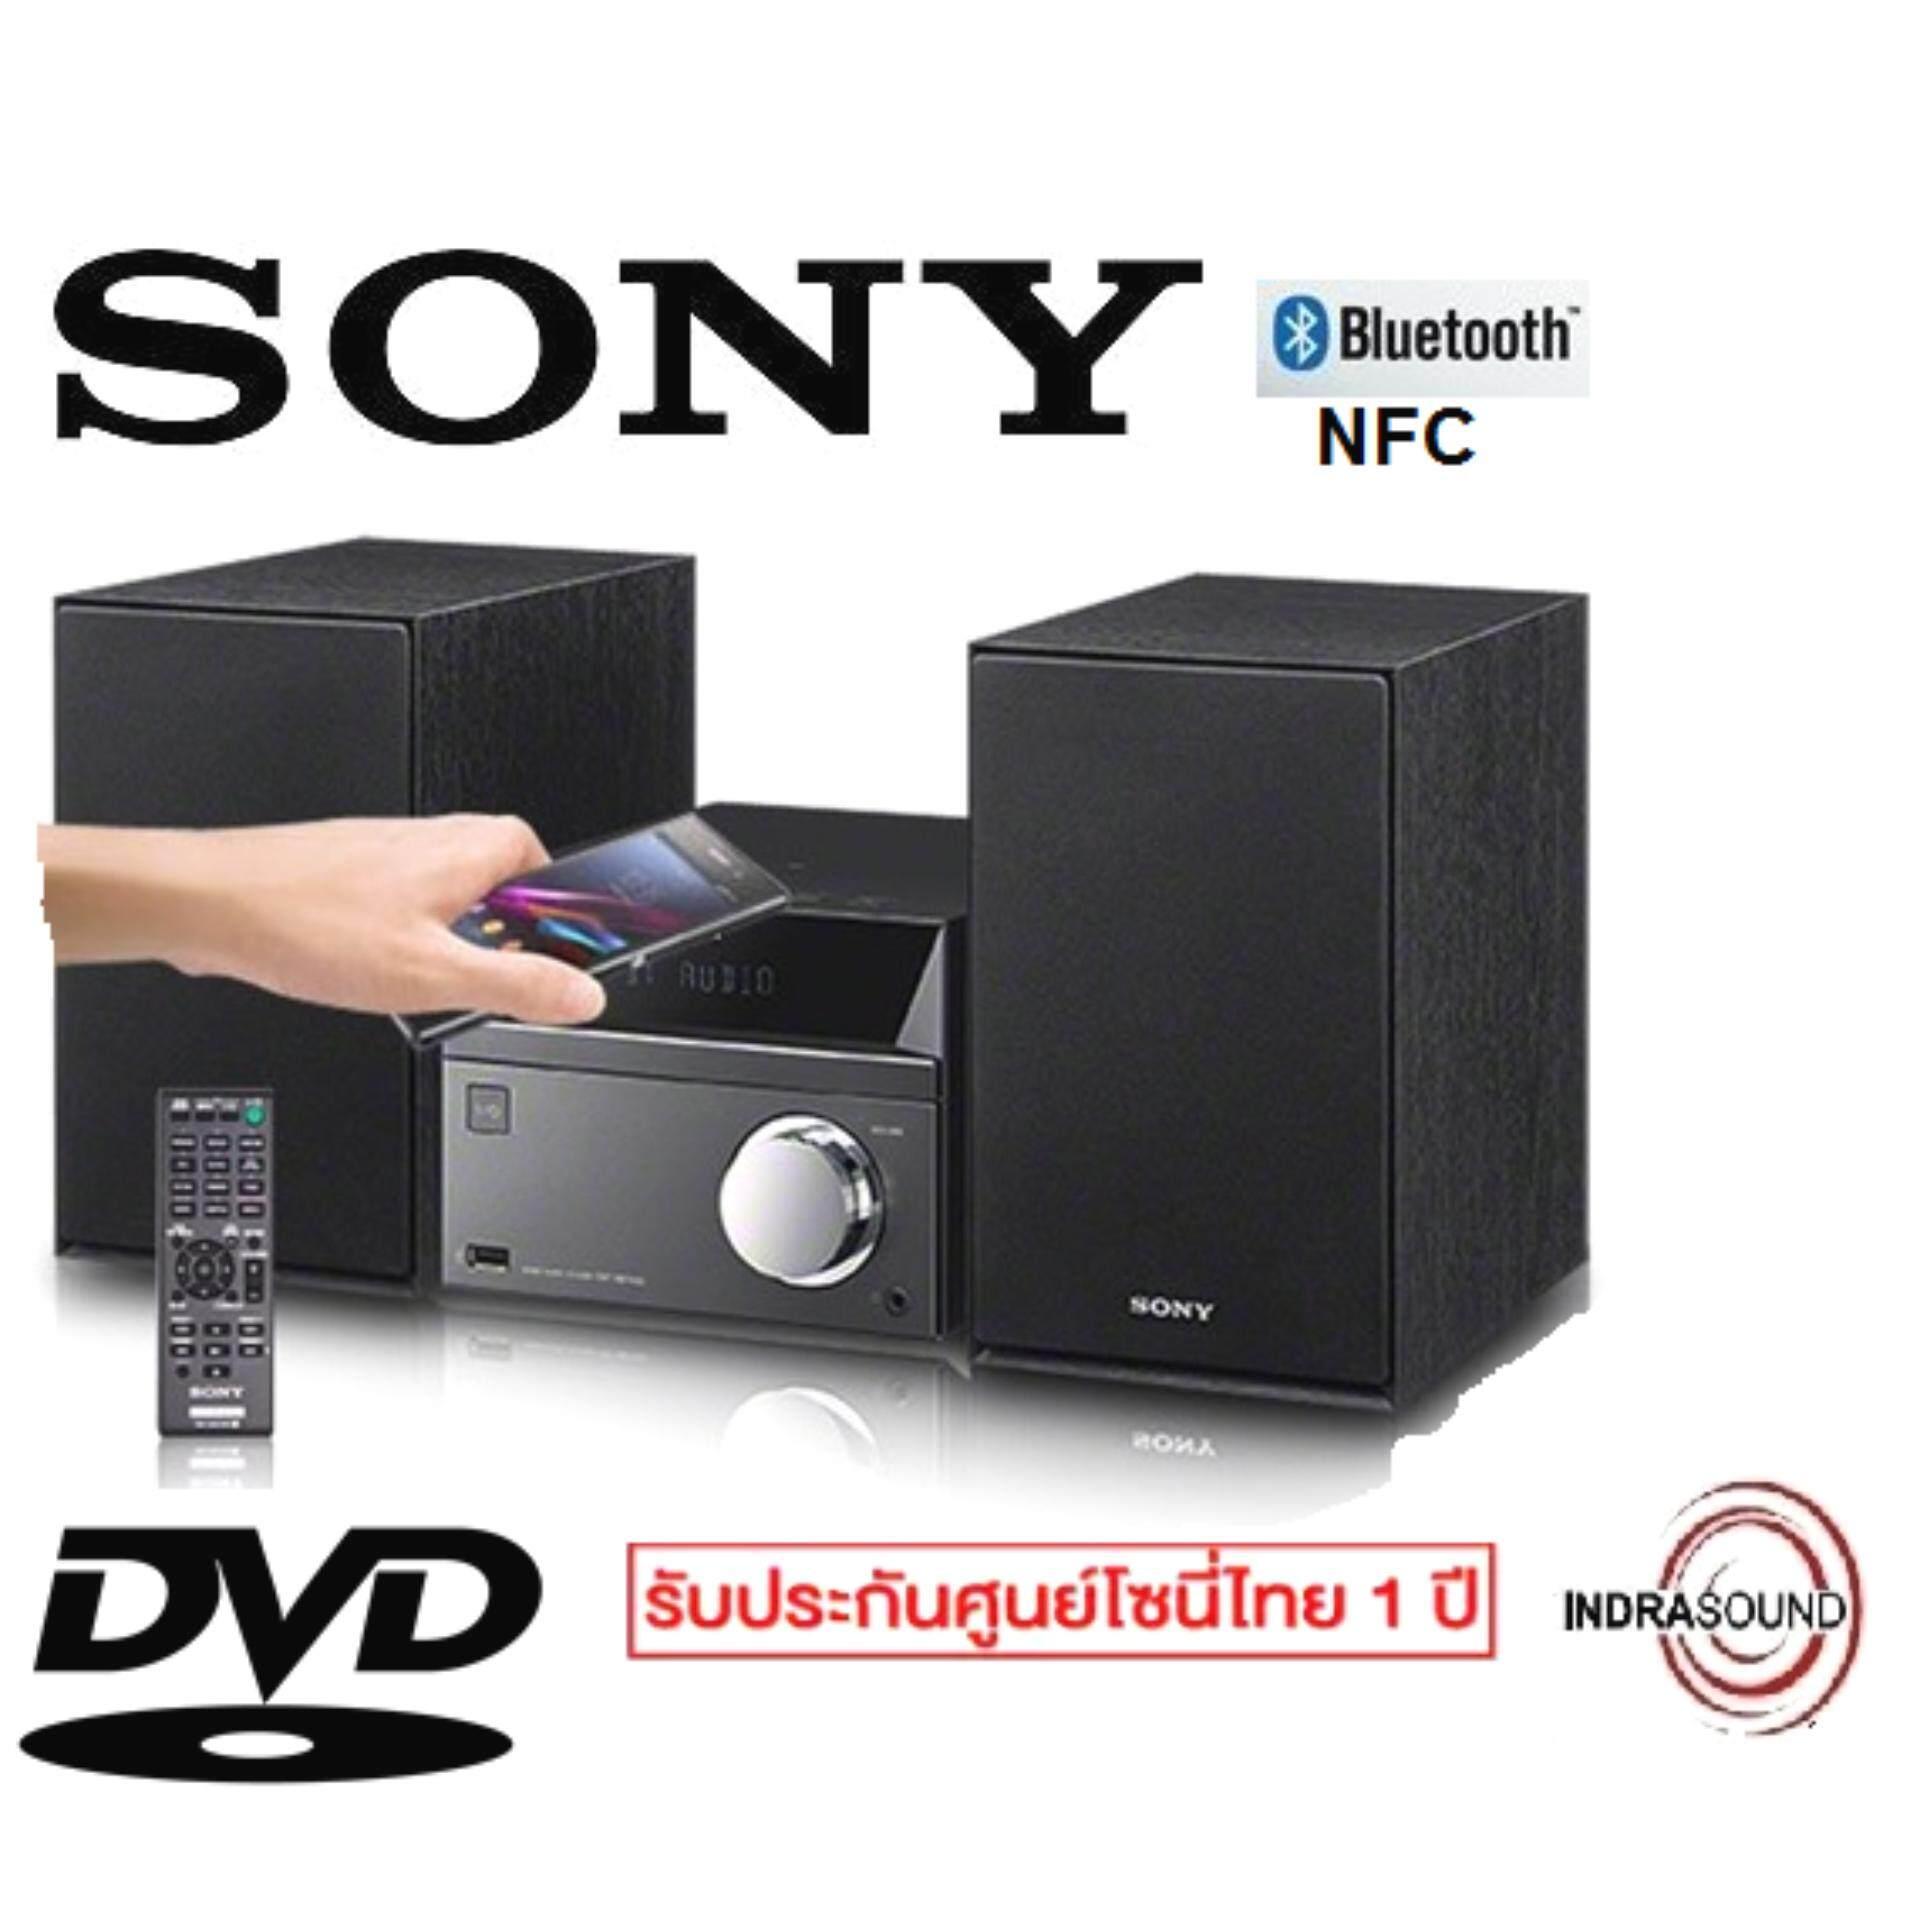 พิษณุโลก Sony Micro Hi-Fi รุ่น CMT-SBT40D (DVD/VCD/CD/USB/MP3/FM) Bluetooth 50w RMS. มาพร้อมประกันศูนย์Sony 1ปี